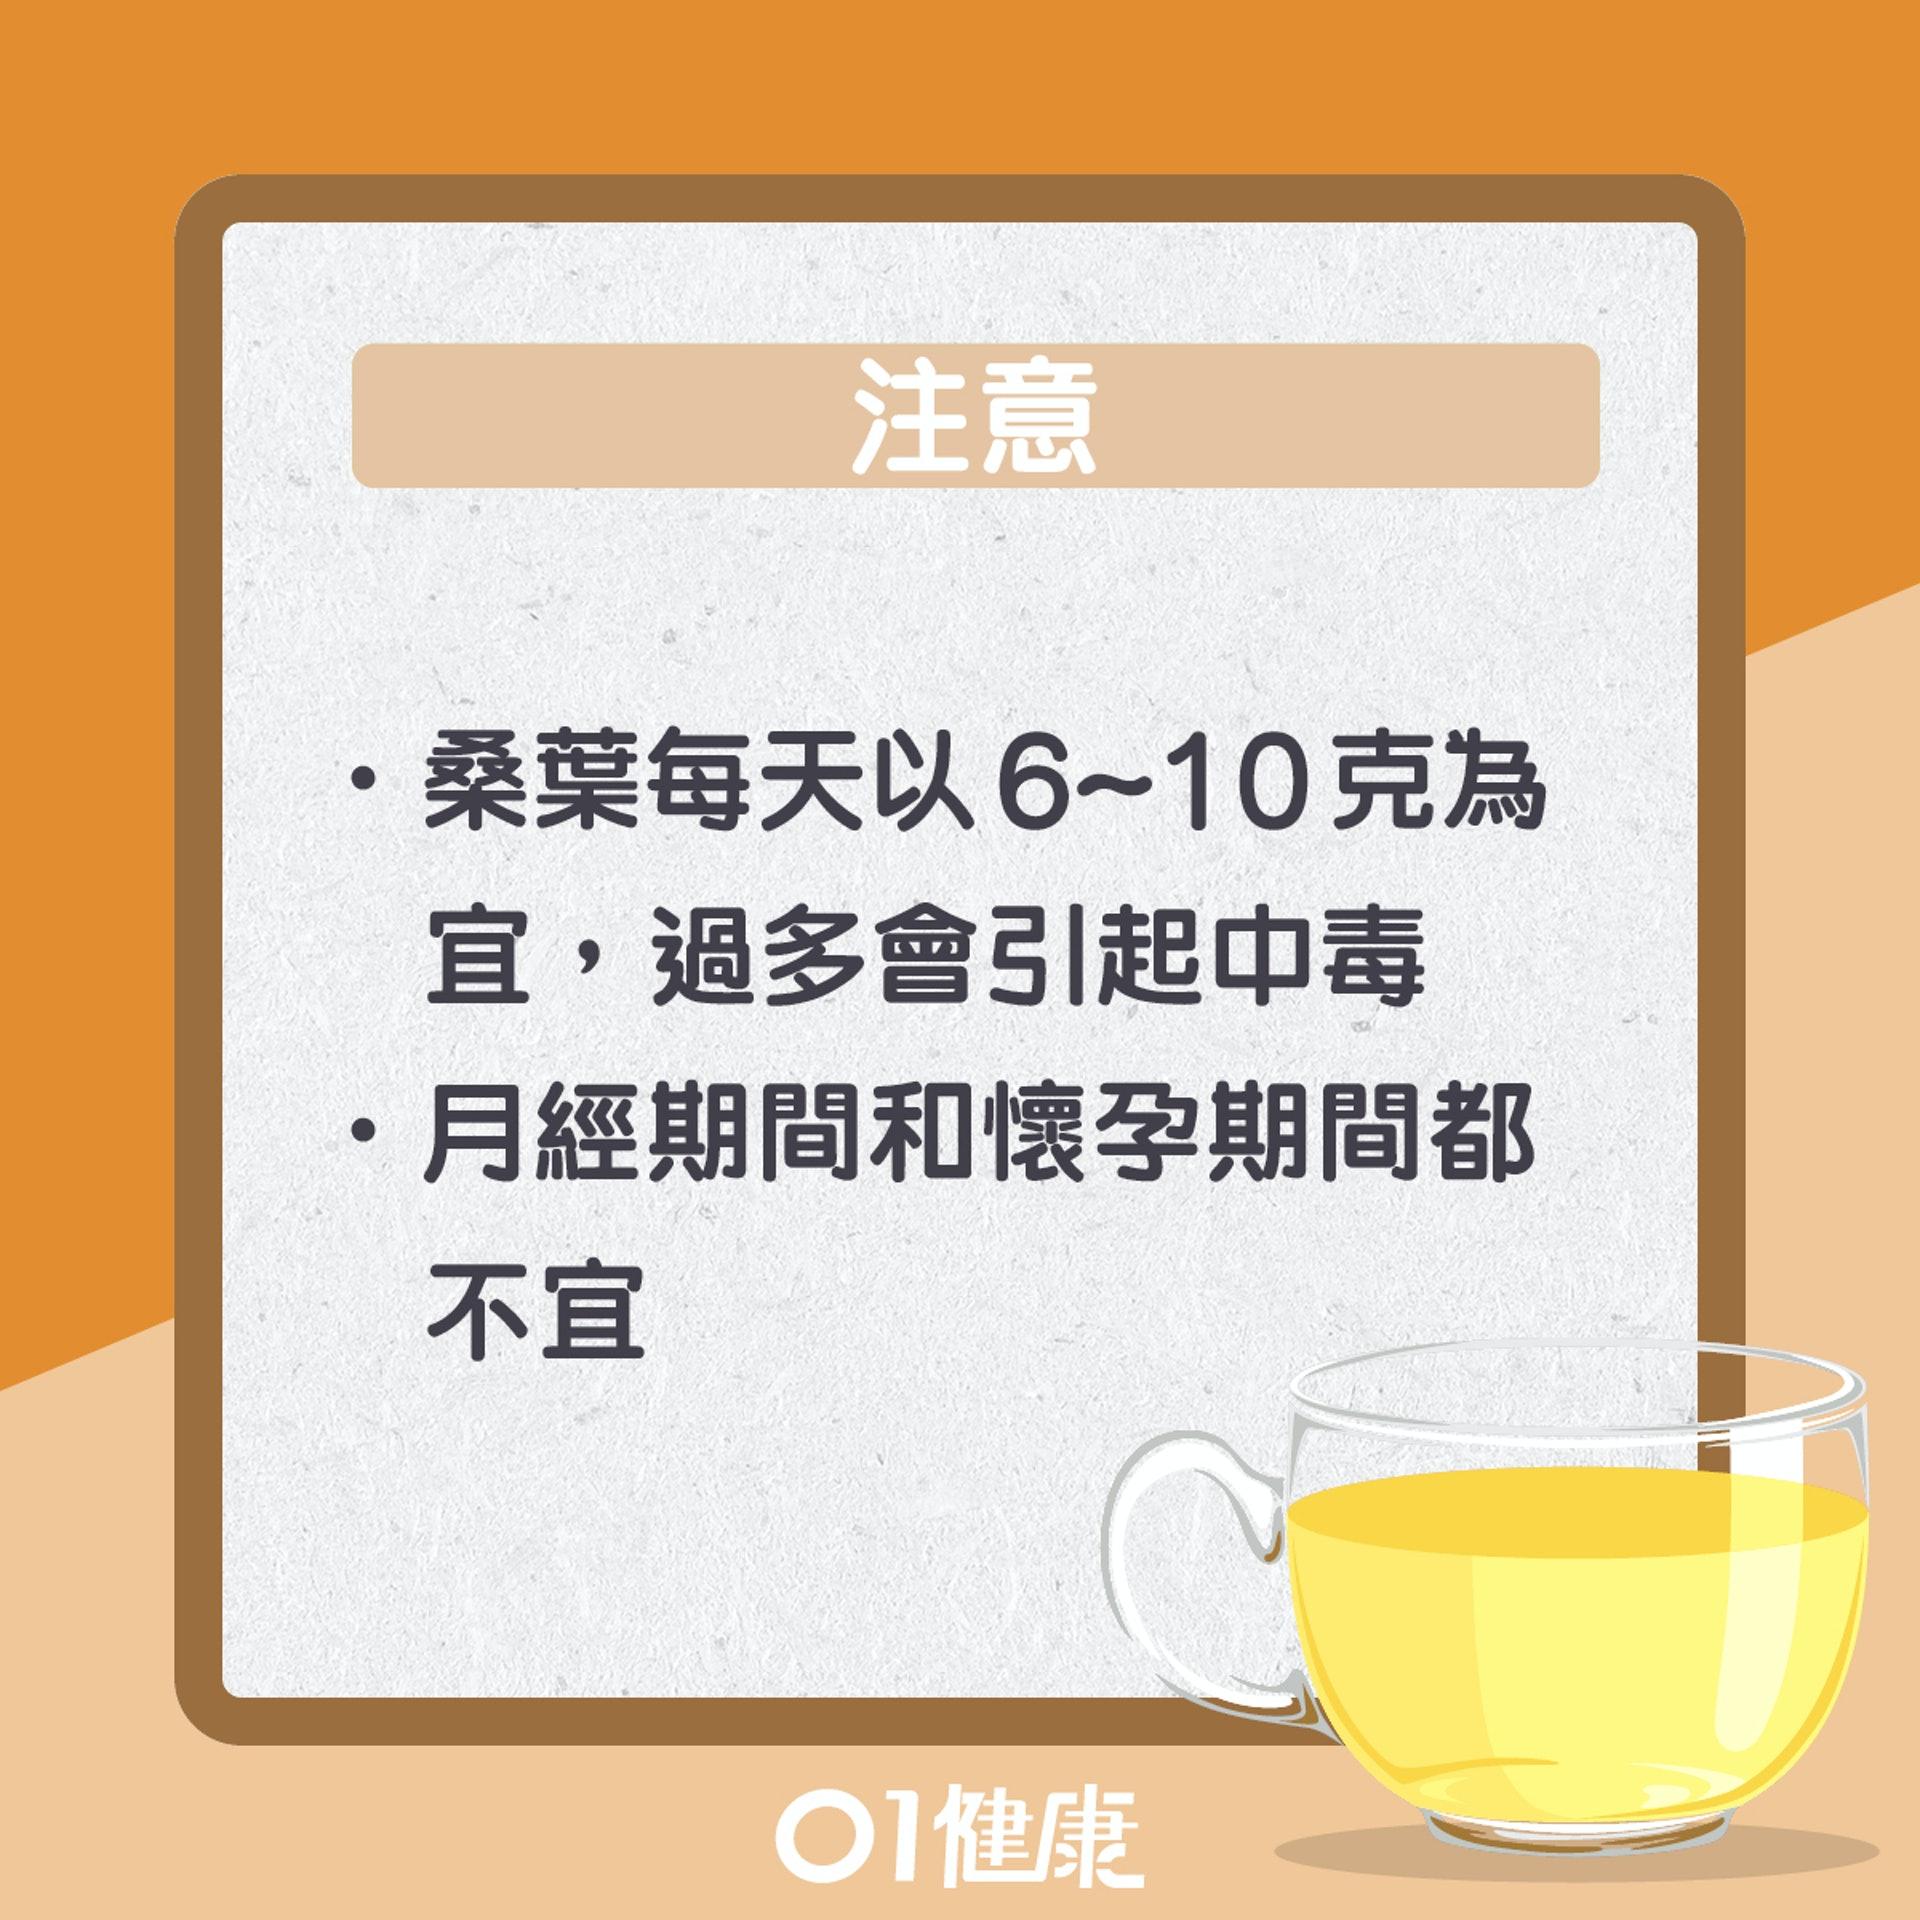 參歸桑葉茶(01製圖)